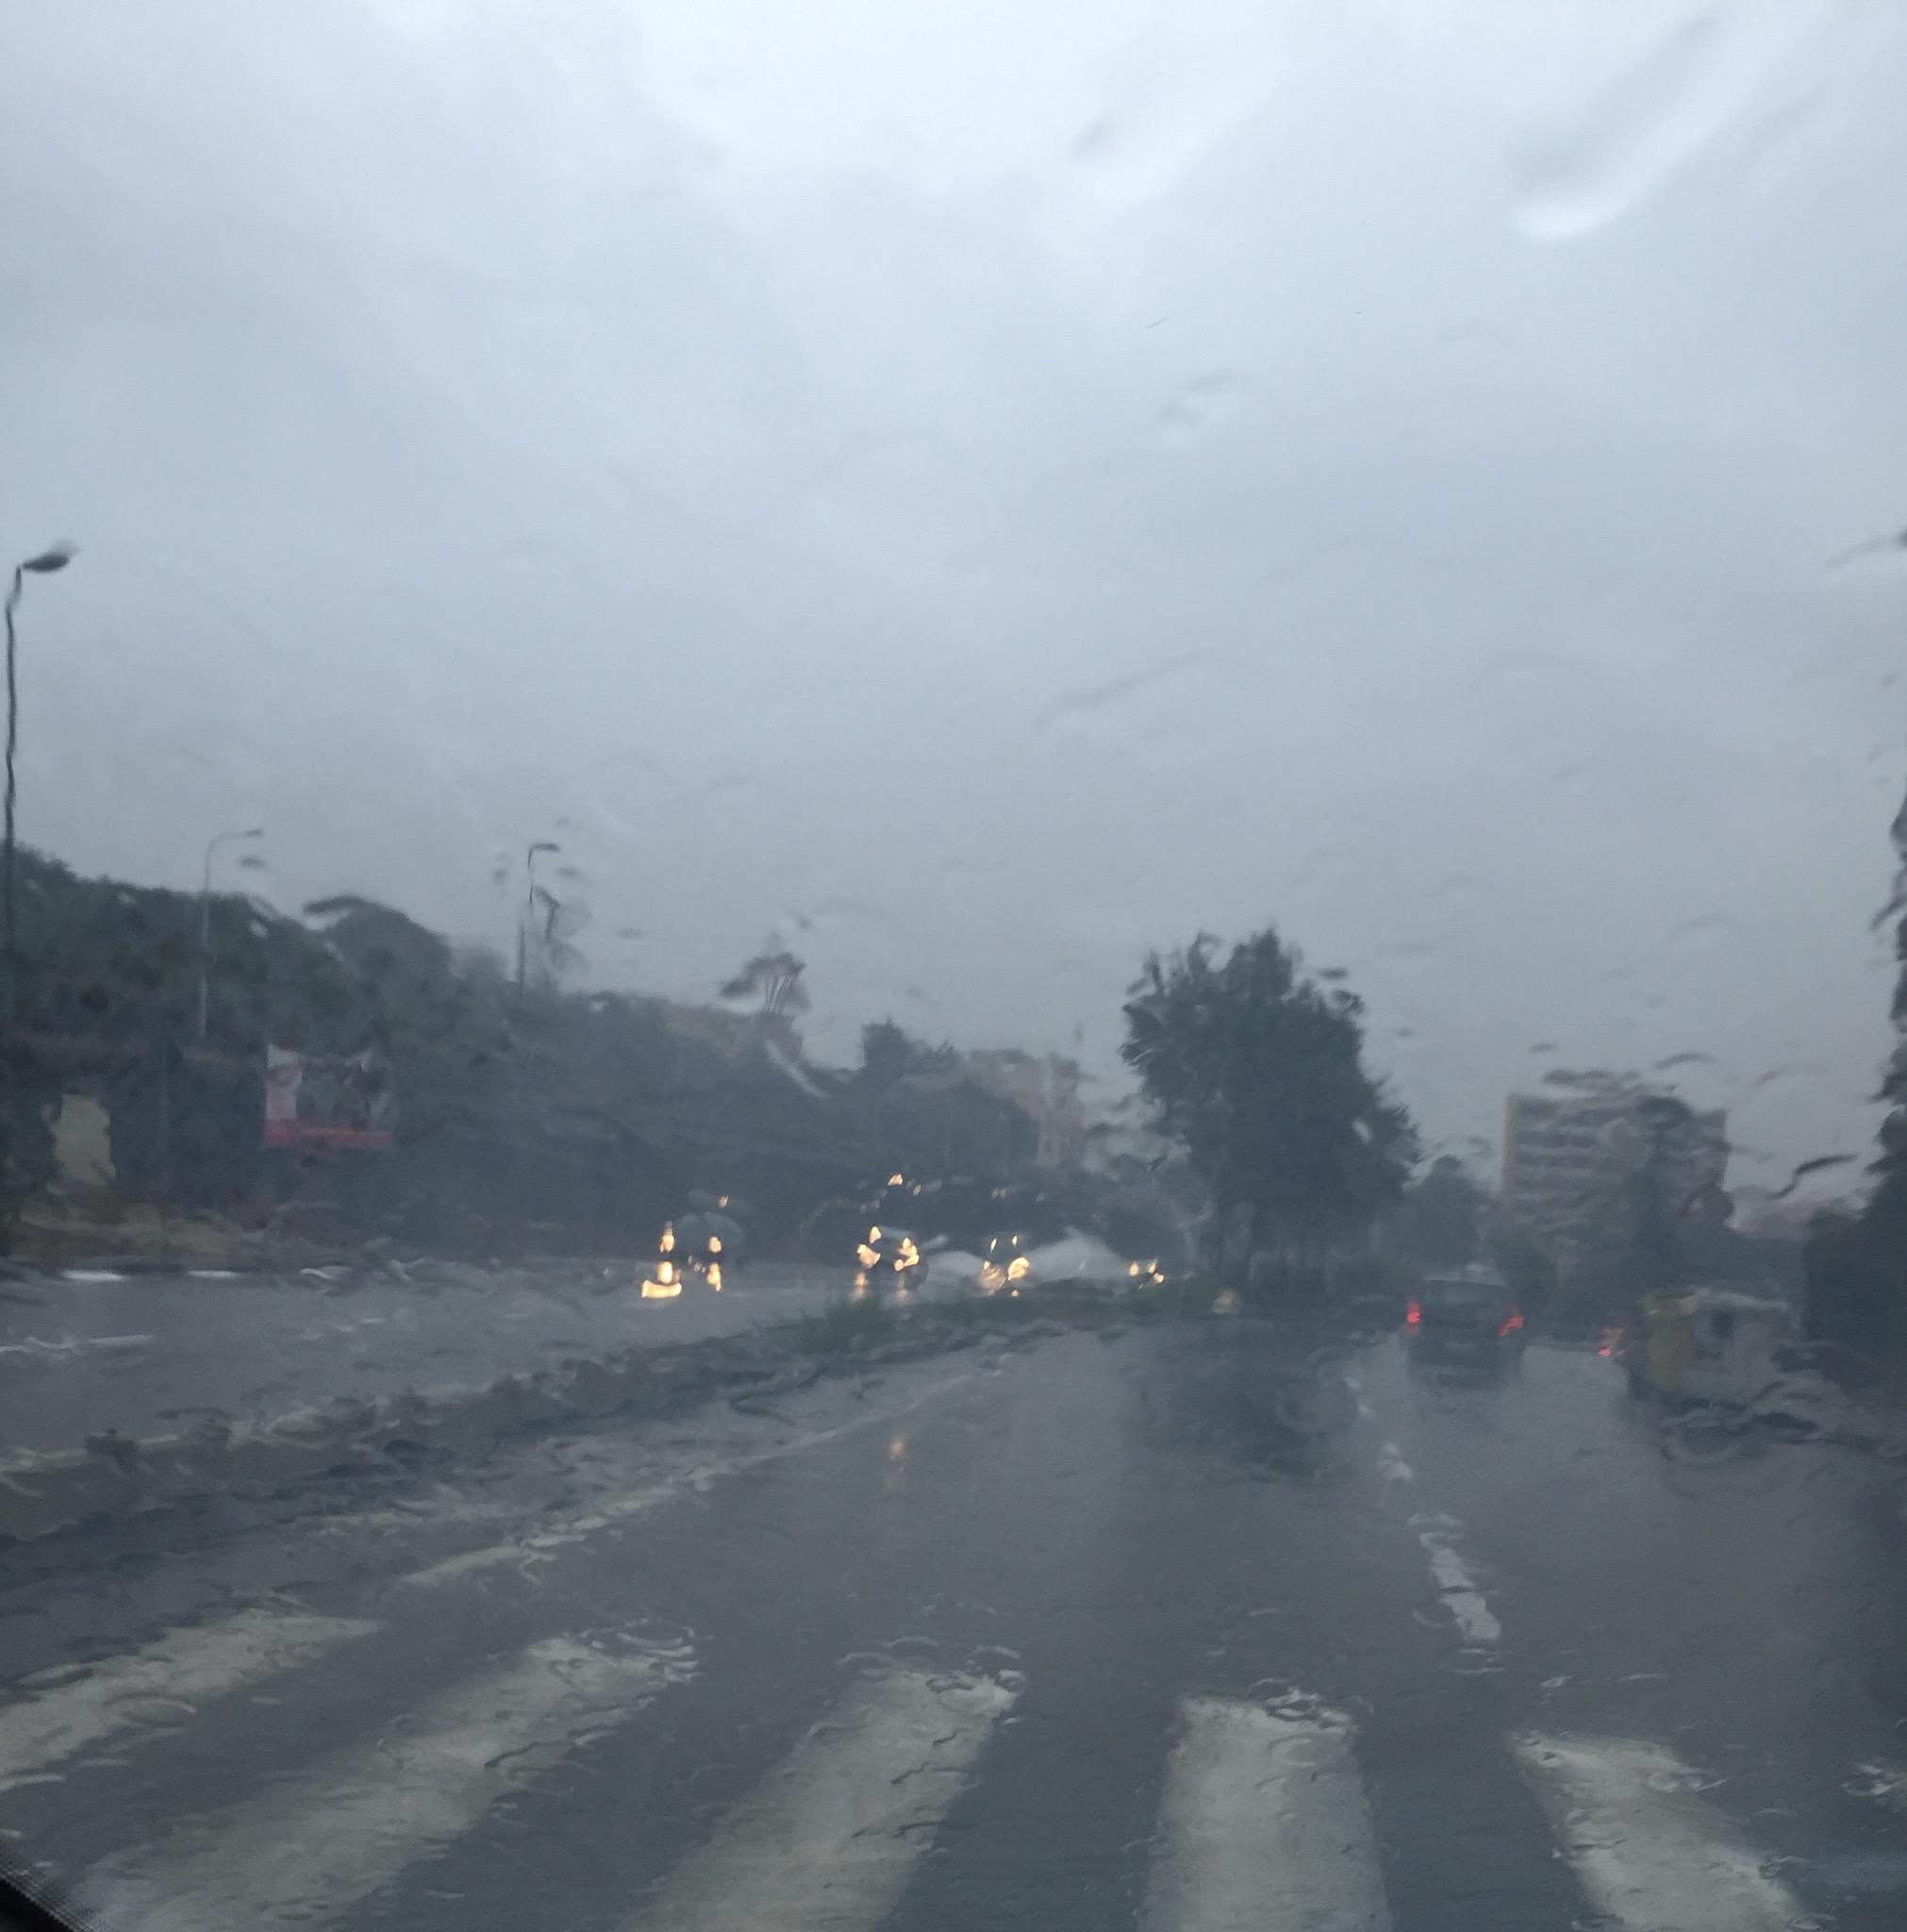 Bombad'acqua su Catania: vigili urbani e protezione civile comunale intervengono in diverse zone della città